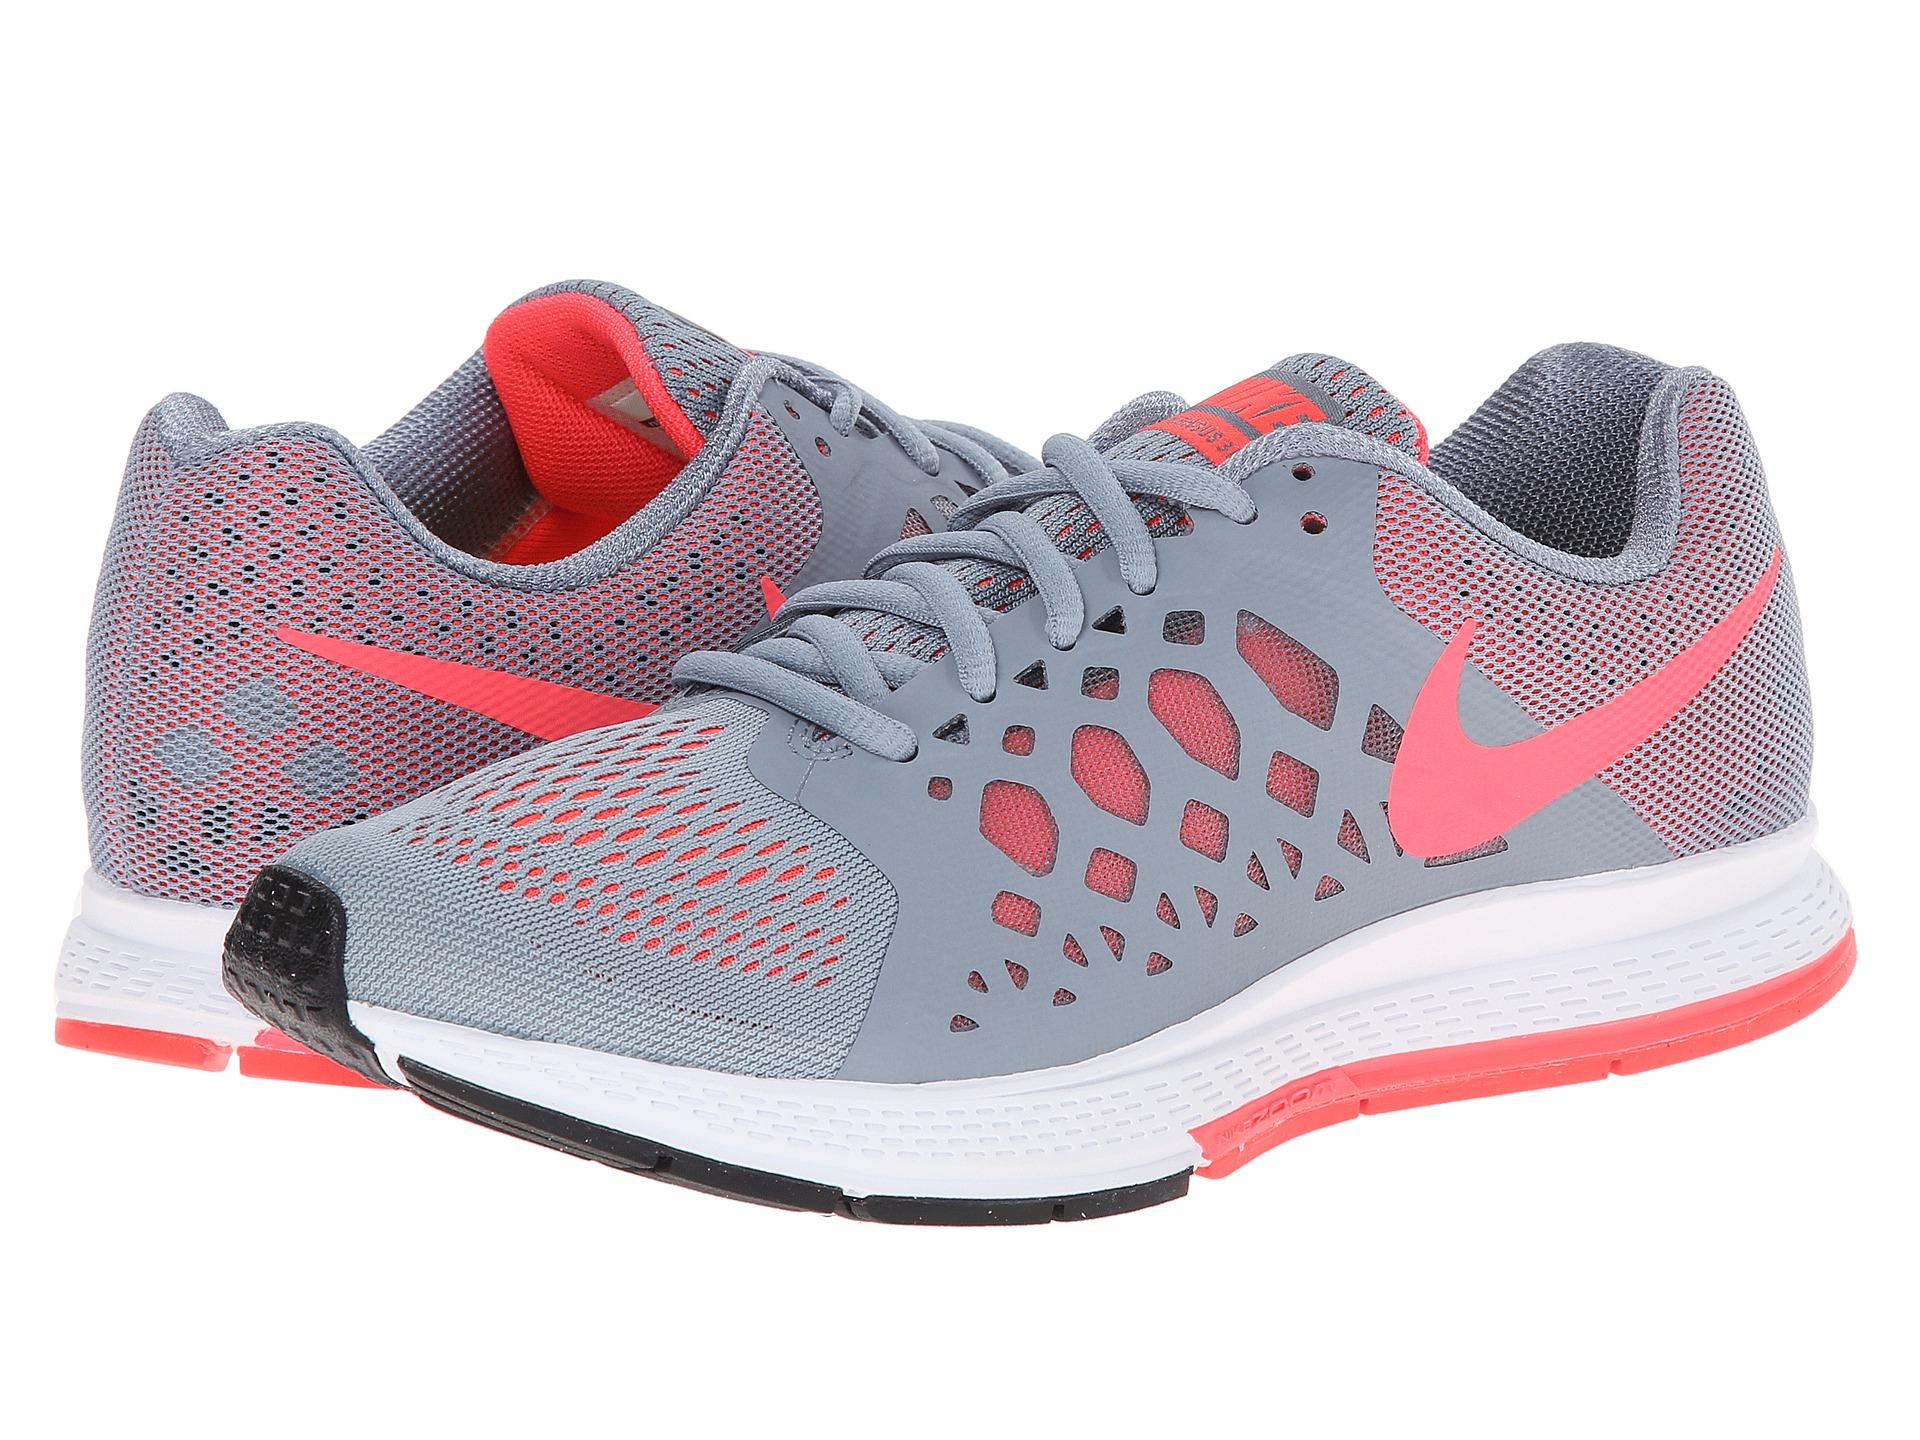 reputable site 0c188 b818d Nike Zoom Pegasus 31 in Gray - Lyst